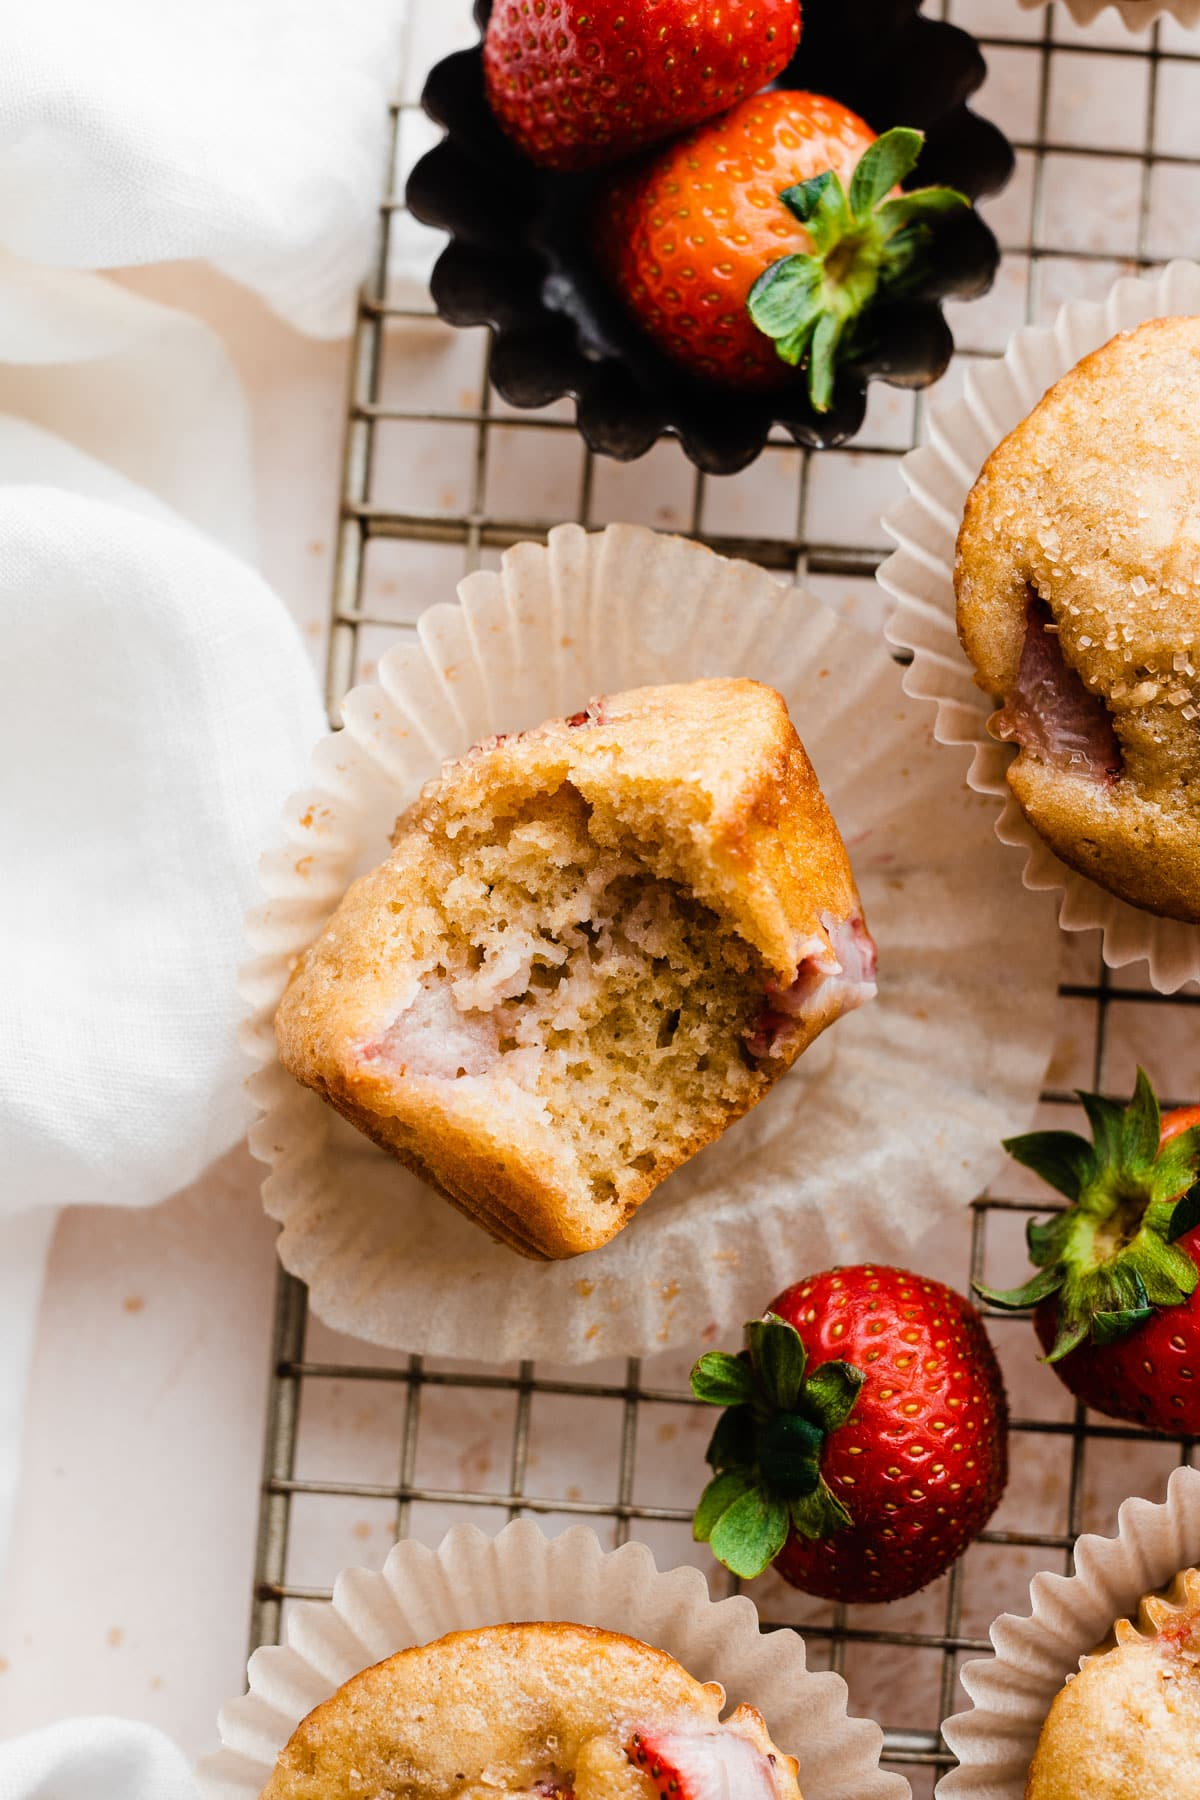 Muffin Strawberry Yogurt Strawberry Vanilla Yogurt